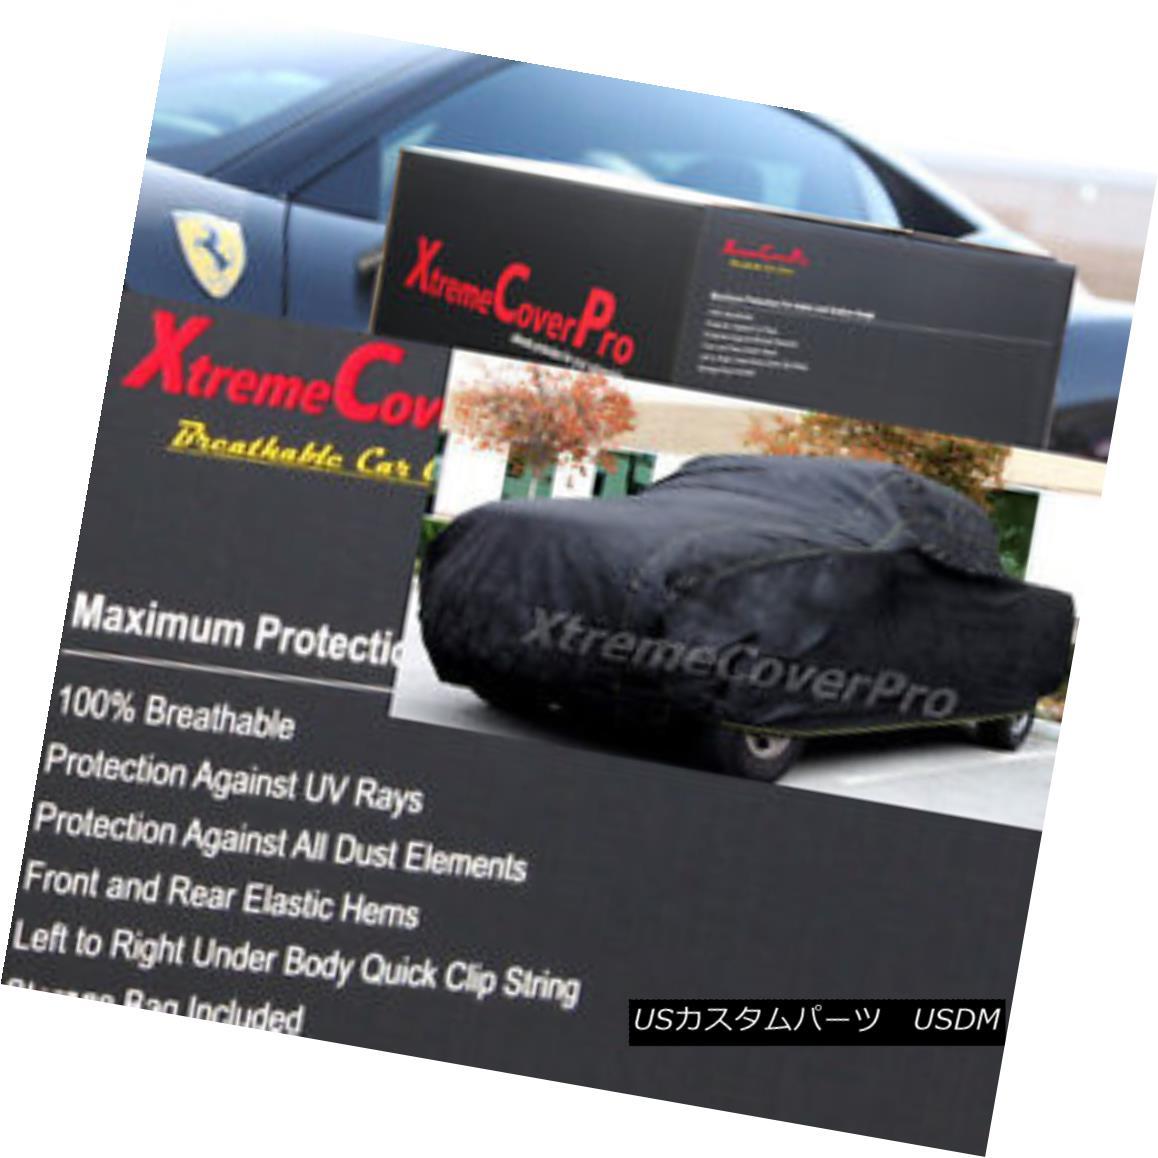 カーカバー 1994 1995 1996 1997 Dodge Ram 2500 Club Cab 8ft Bed Breathable Truck Cover 1994年1995年1996年1997年ダッジラム2500クラブキャブ8ftベッド通気性トラックカバー